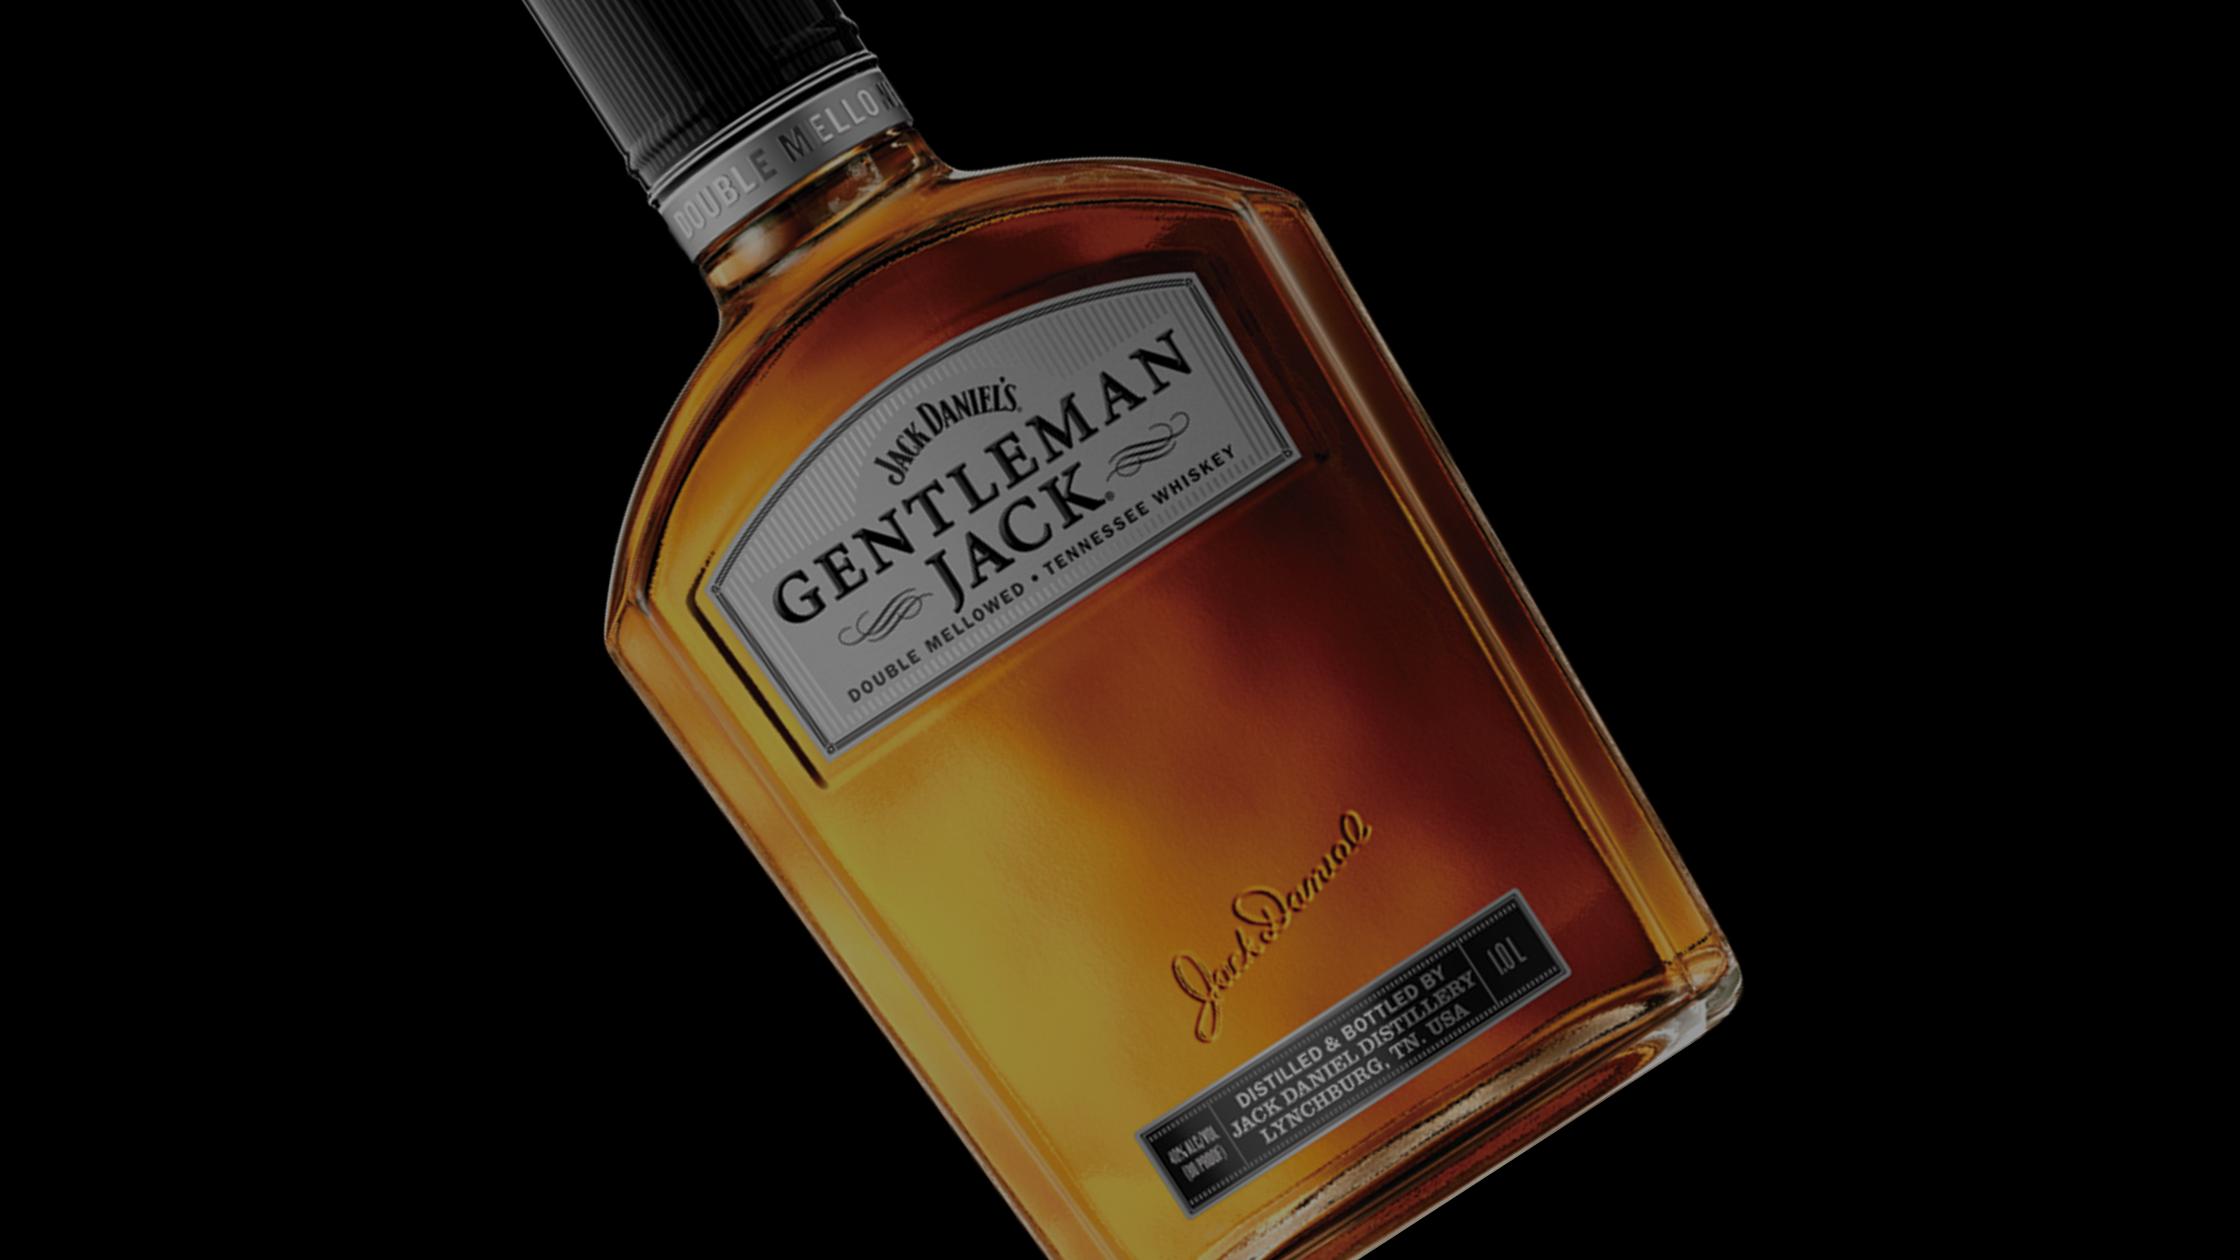 Gentlemen Jack - for the love of jack!